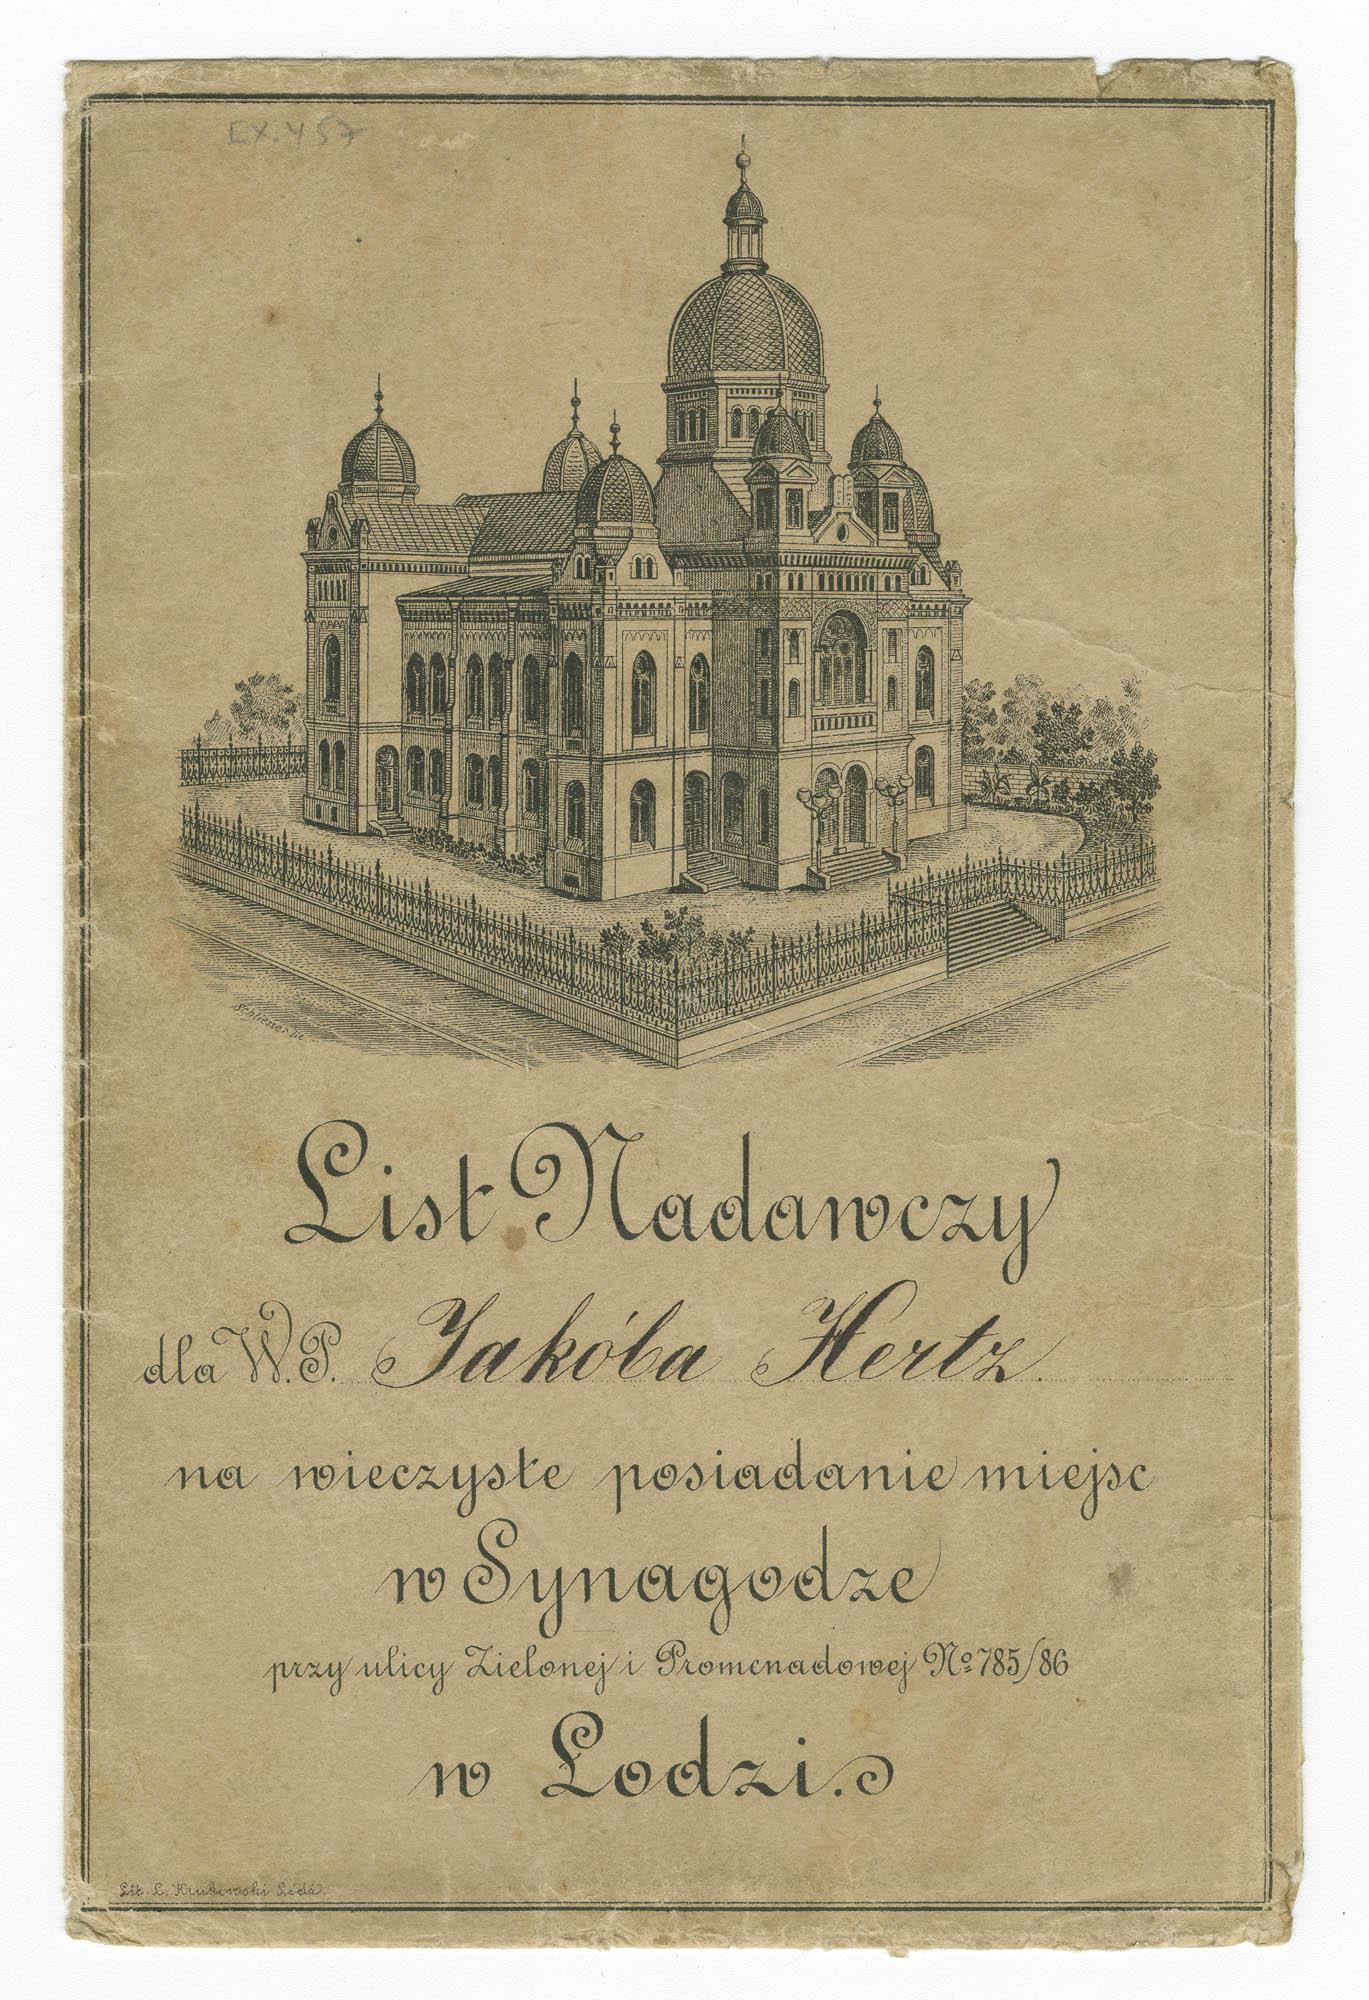 List Nadawczy dla W. P. Jakóba Hertz na wieczyste posiadanie miejsc w Synagodze w Łodzi